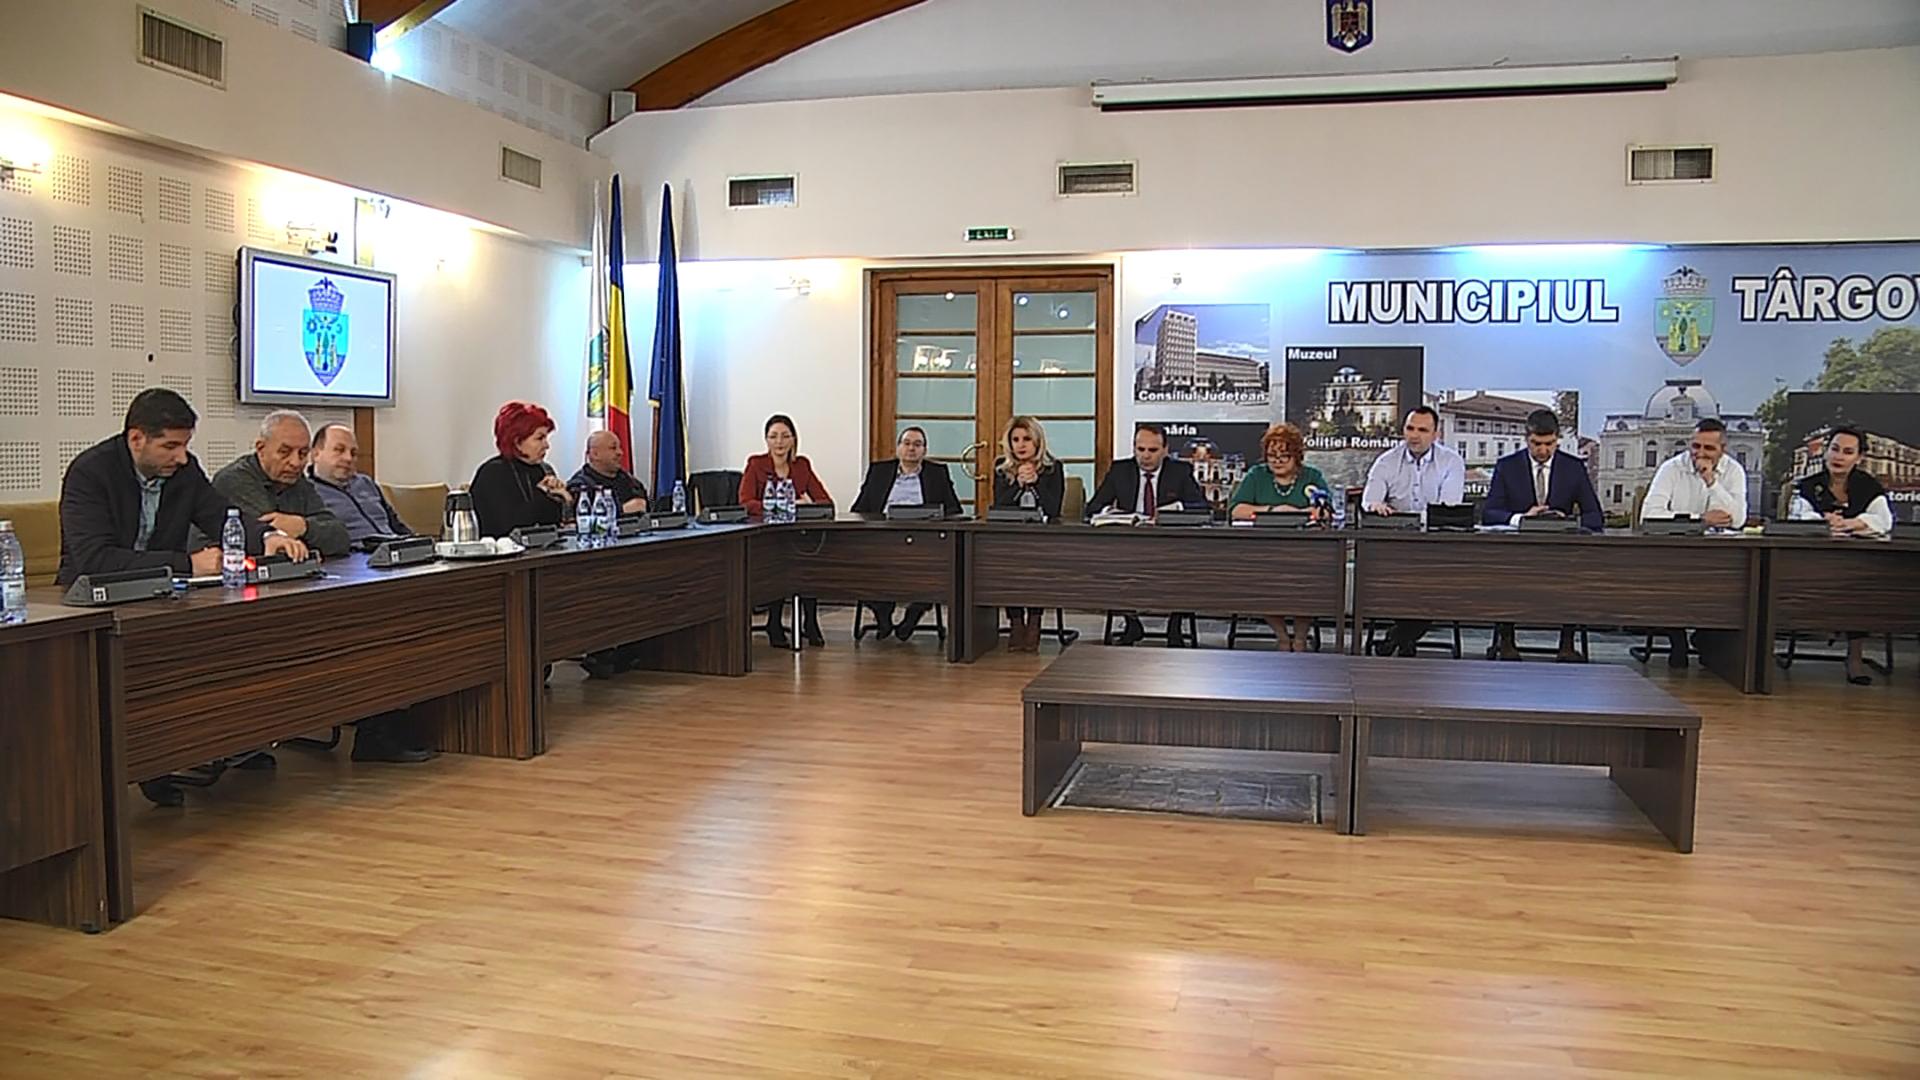 Bugetul municipiului Târgovişte  a fost aprobat în ciuda contrelor venite din partea unor consilieri ai PNL